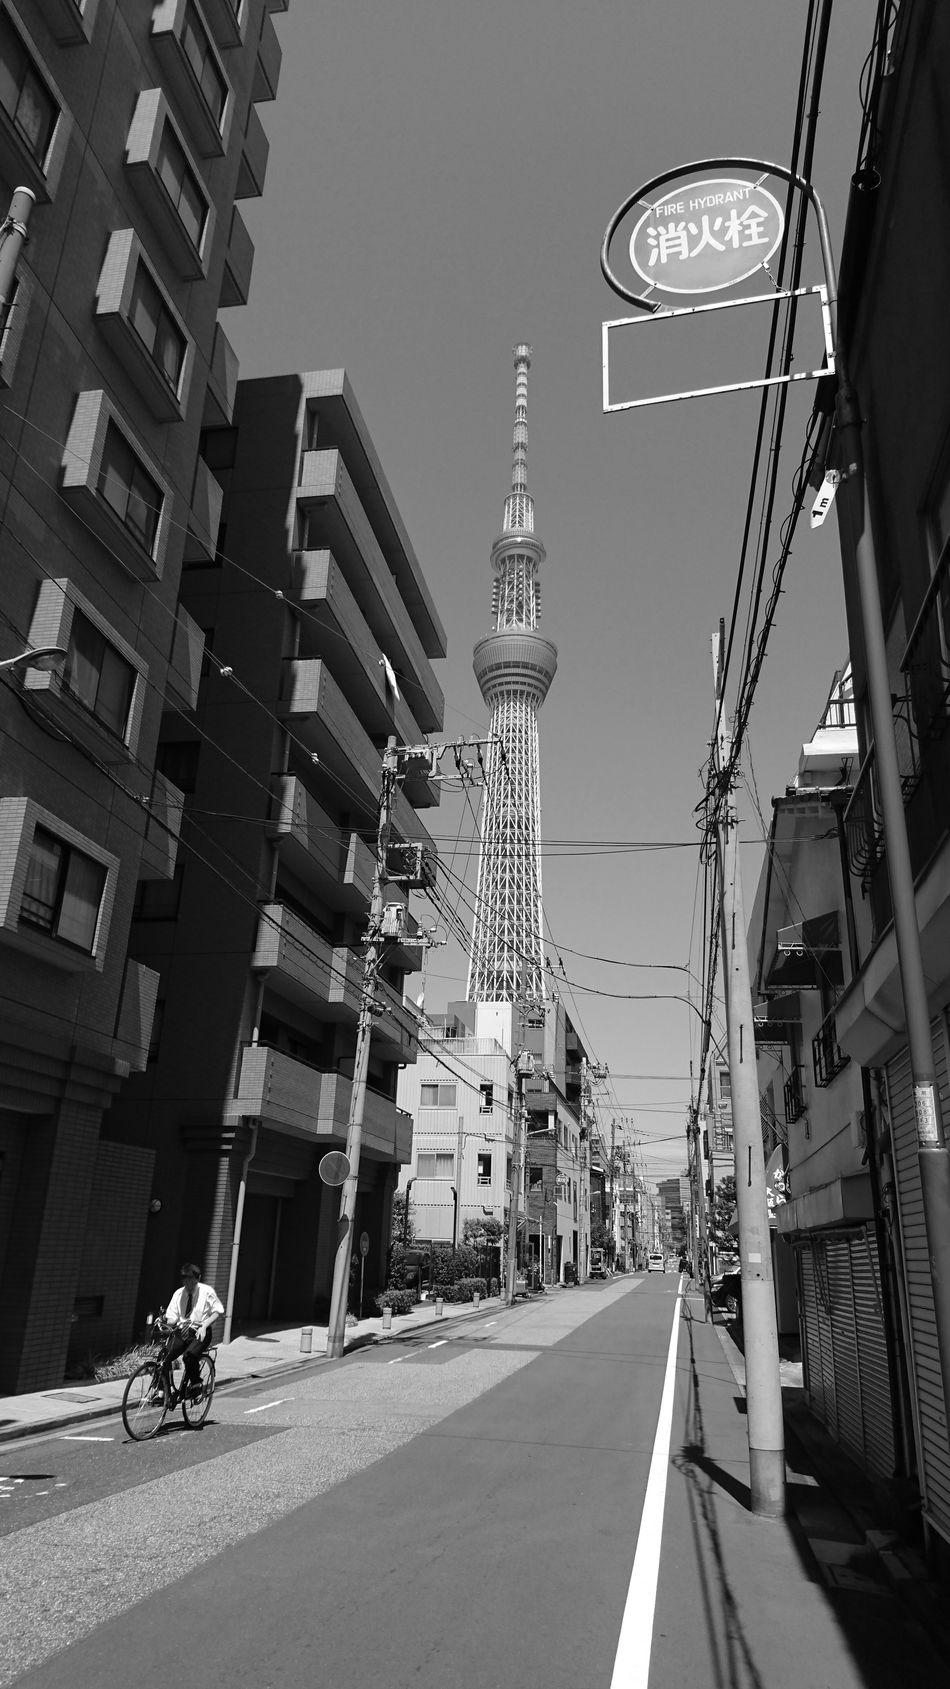 東京スカイツリー 町の風景 日常的風景 日常 Street Photography On The Road Tokyo Street Photography TOWNSCAPE Black And White Monochrome Monochrome_life Perspective Vanishing Point Capture The Moment From My Point Of View Tokyo Snapshot EyeEm Best Shots - Black + White